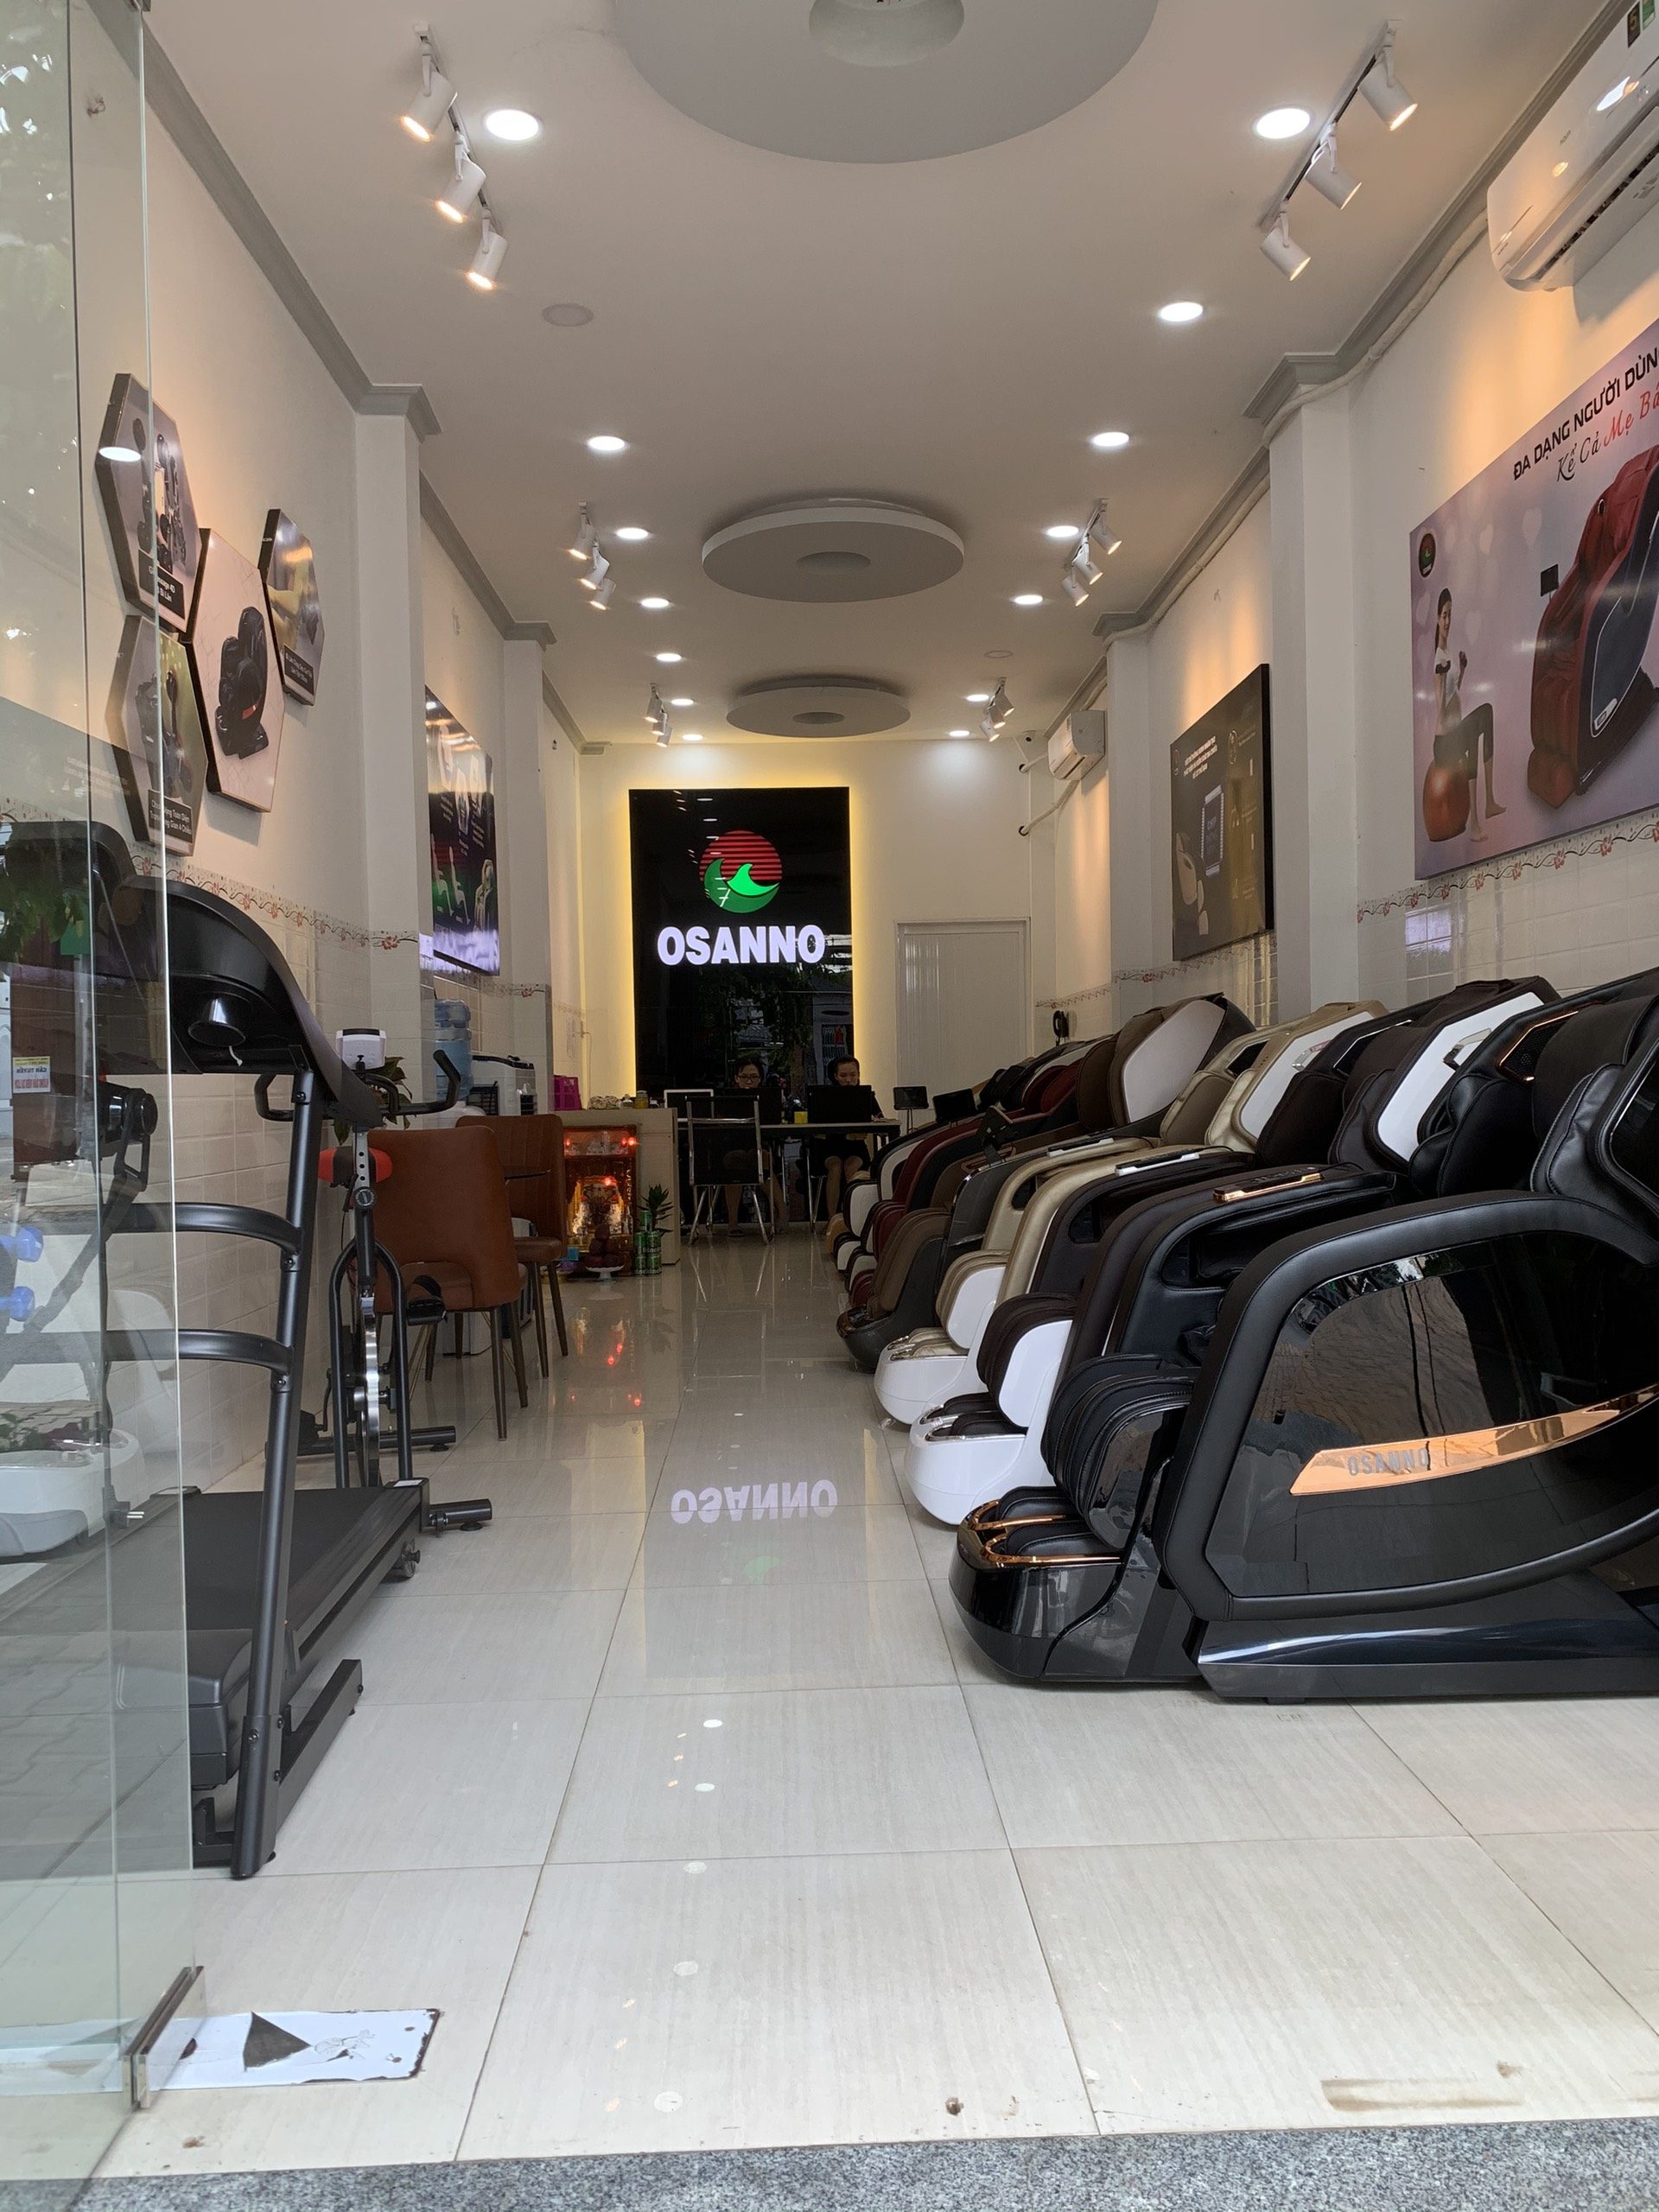 Kinh nghiệm chọn mua ghế massage tại Mỹ Tho - Tiền Giang